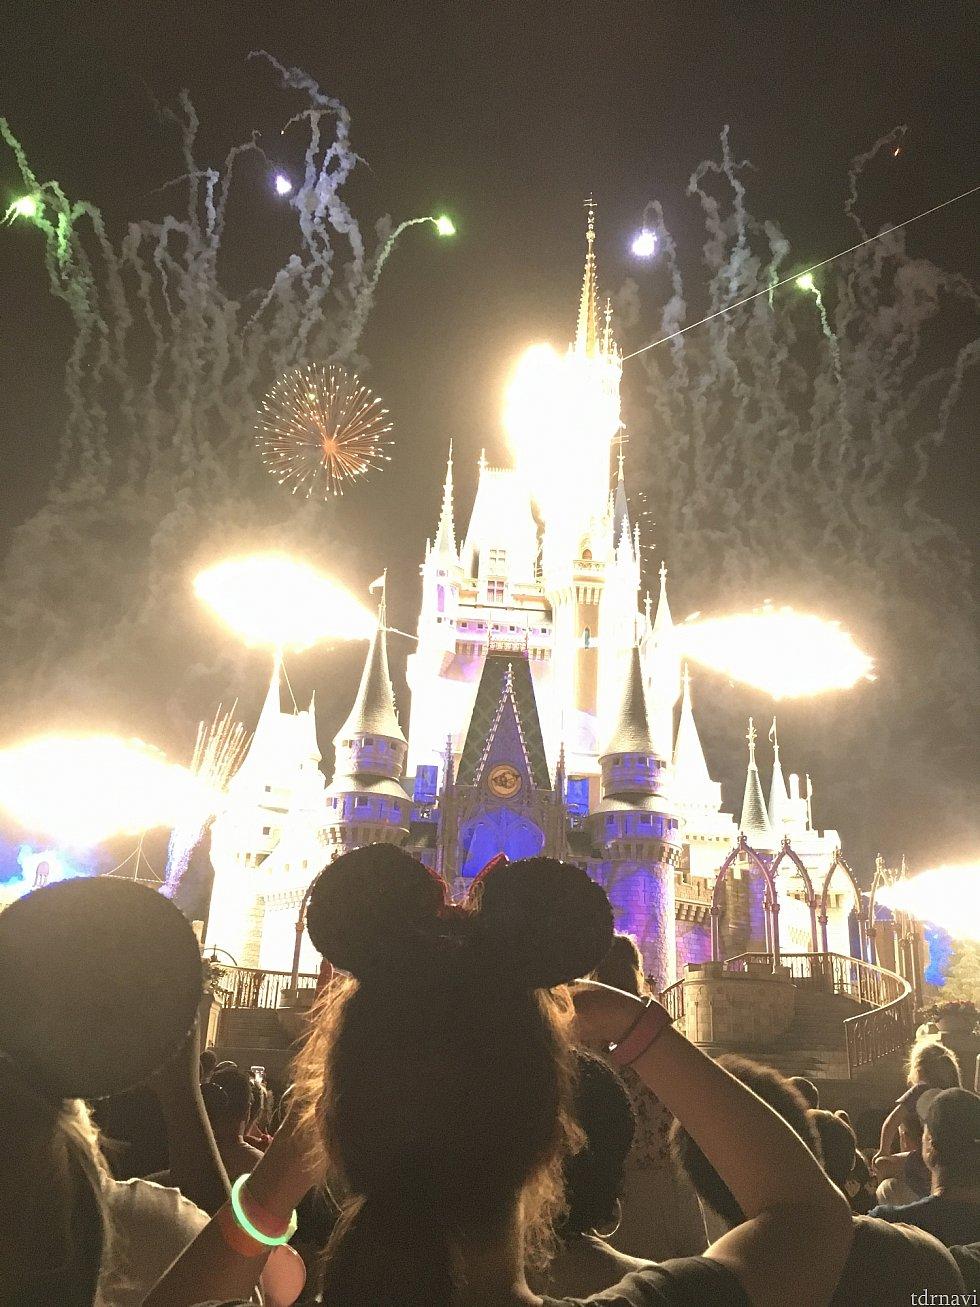 お城からぶわっと炎が。ビックリ!